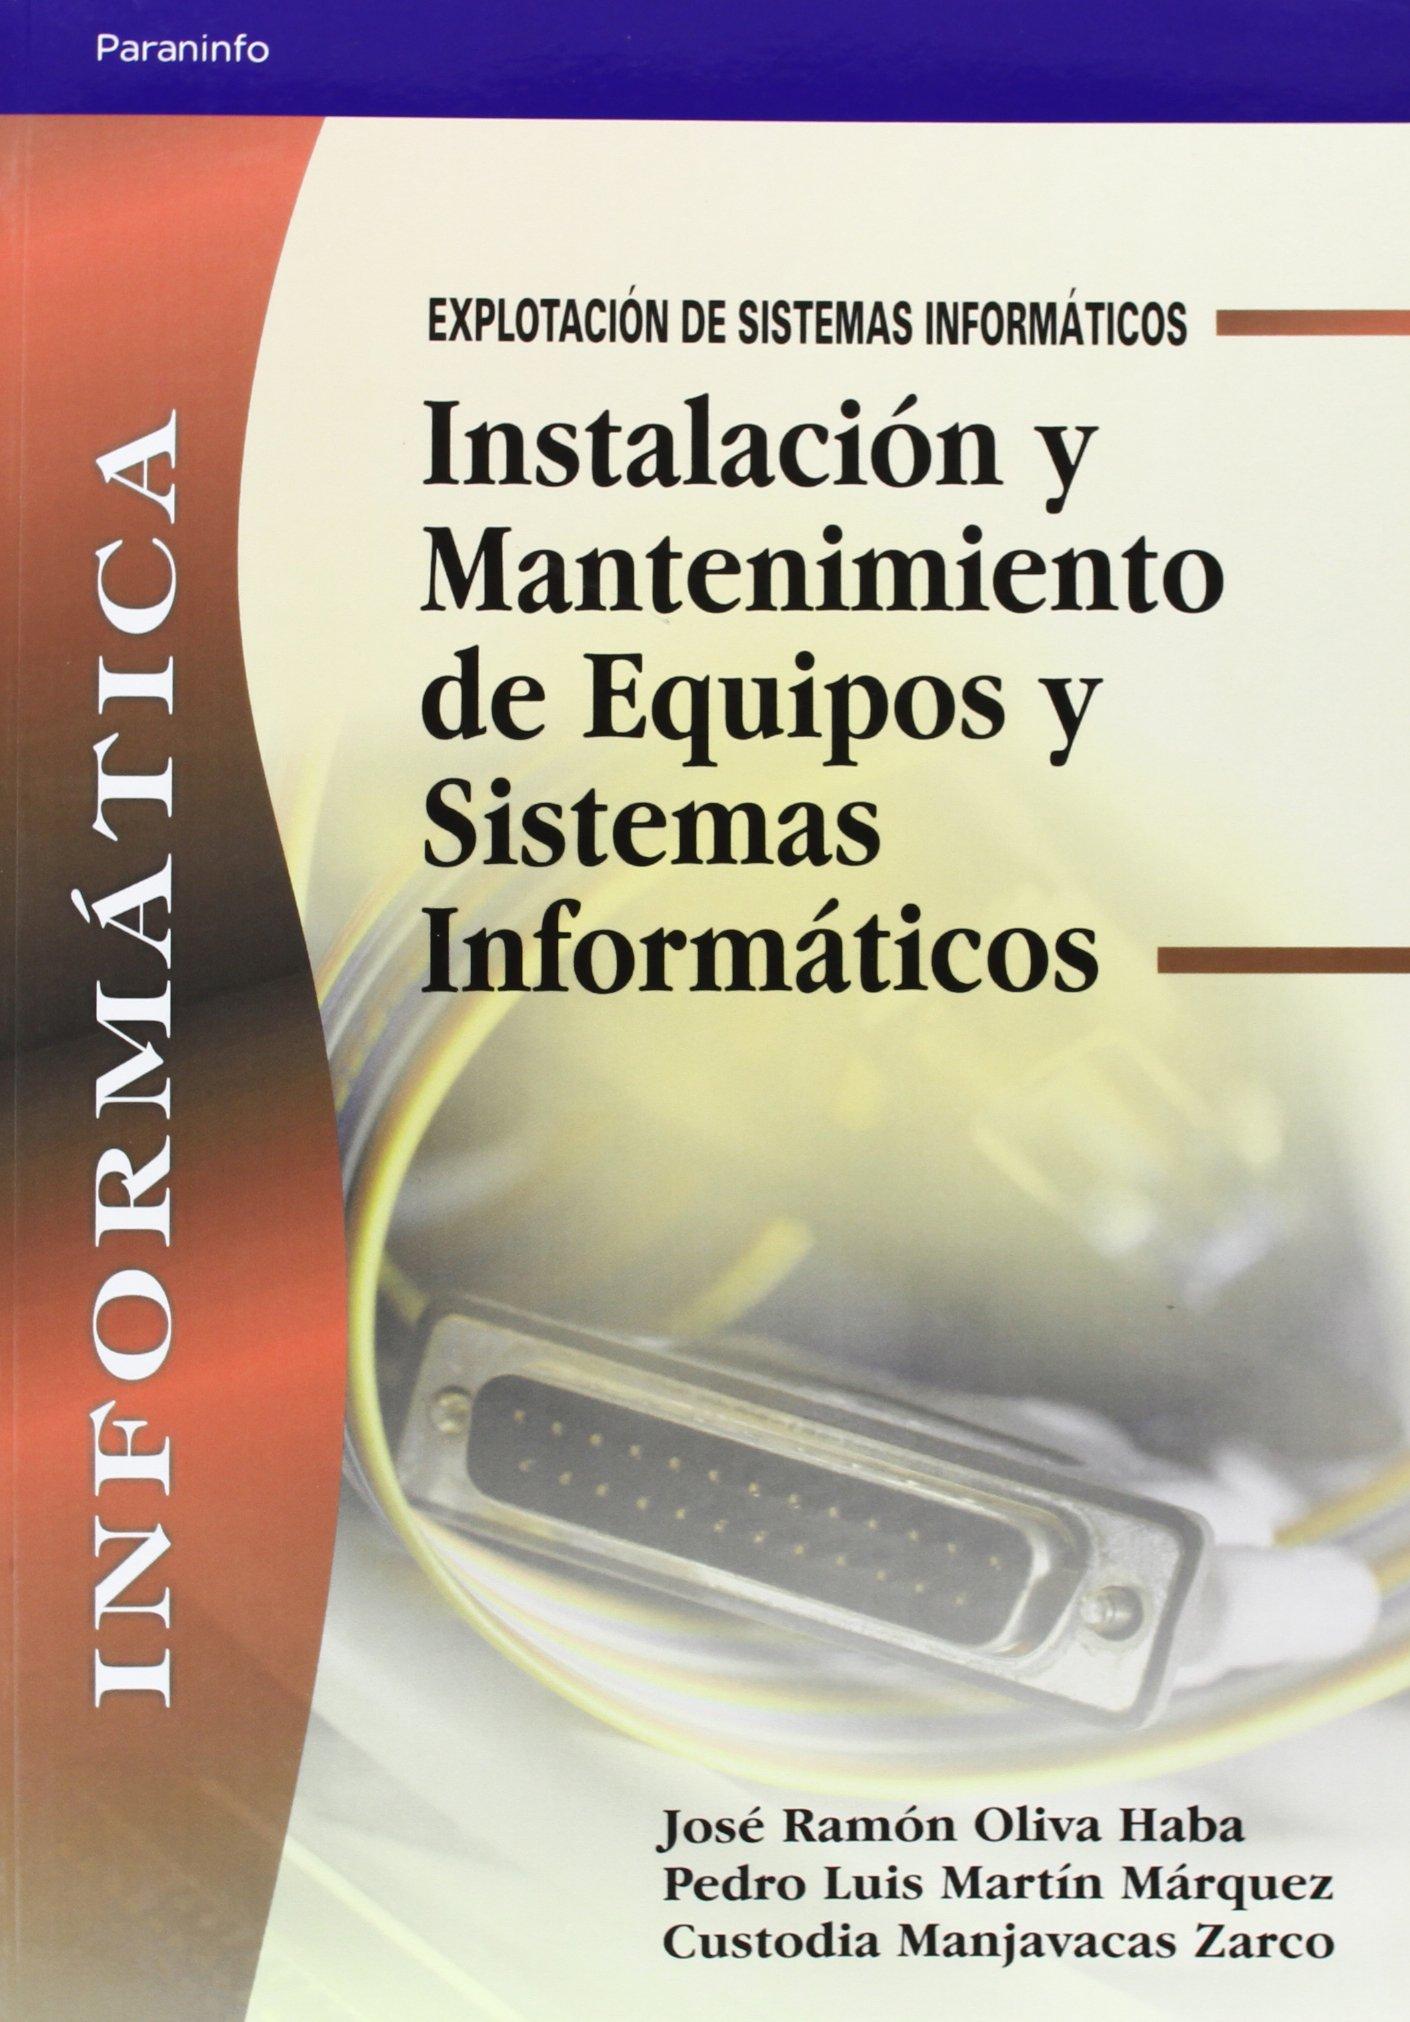 Instalacion y Mantenimiento de Equipos y Sistemas Informaticos (Spanish Edition) (Spanish) Paperback – January, 2006